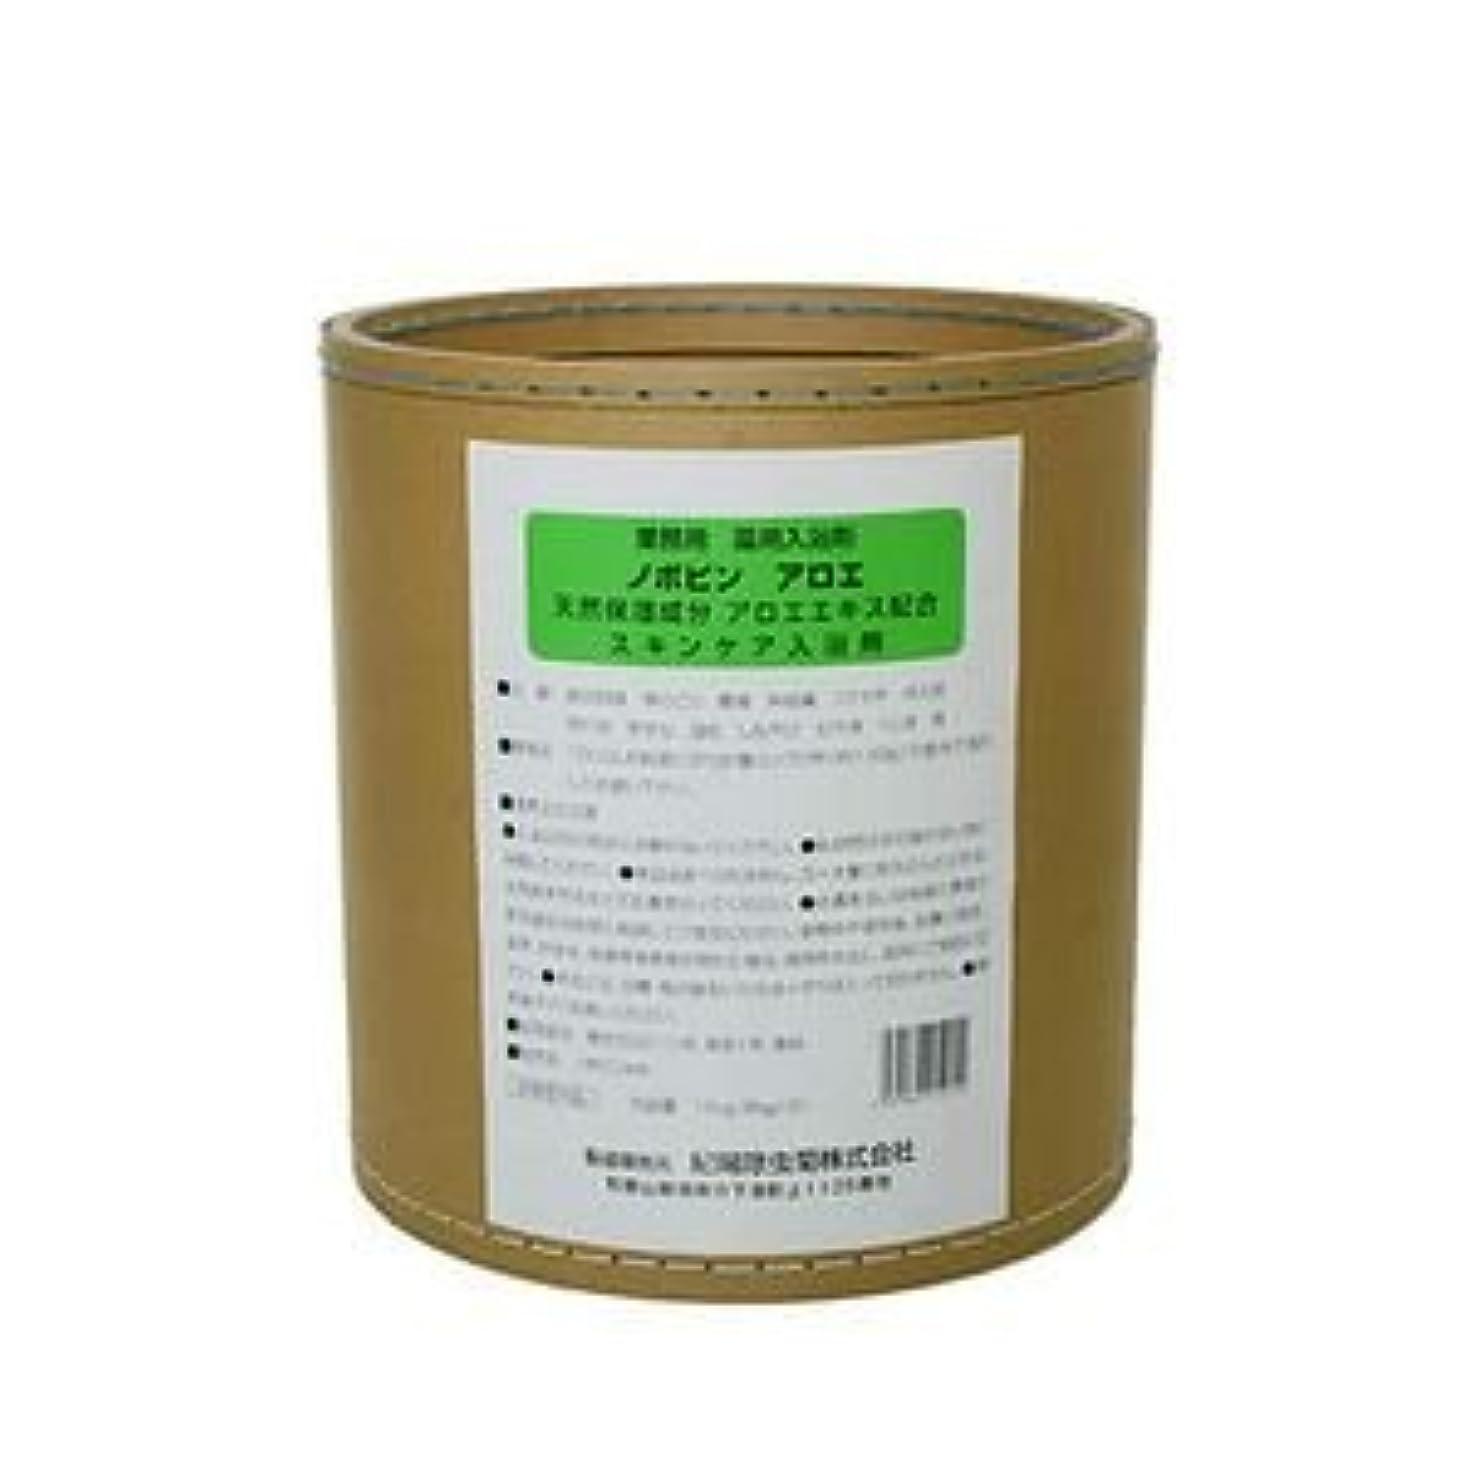 バンカー教えて親愛な業務用 バス 入浴剤 ノボピン アロエ 16kg(8kg+2)